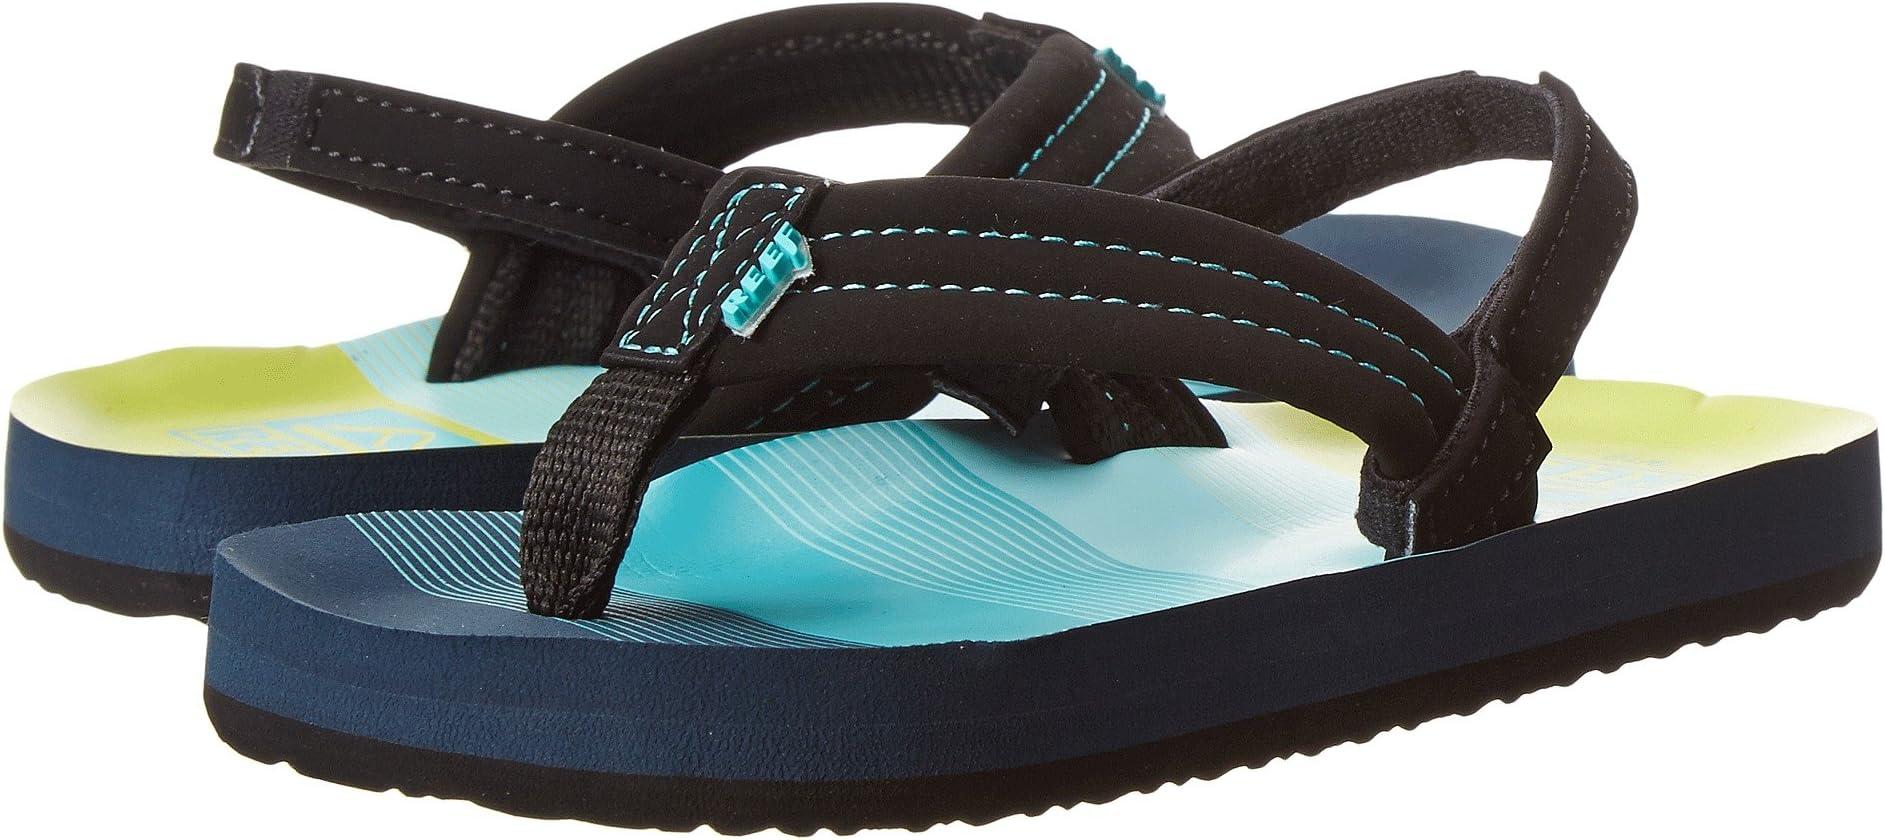 TC-6-kids-sandals-2020-9-9